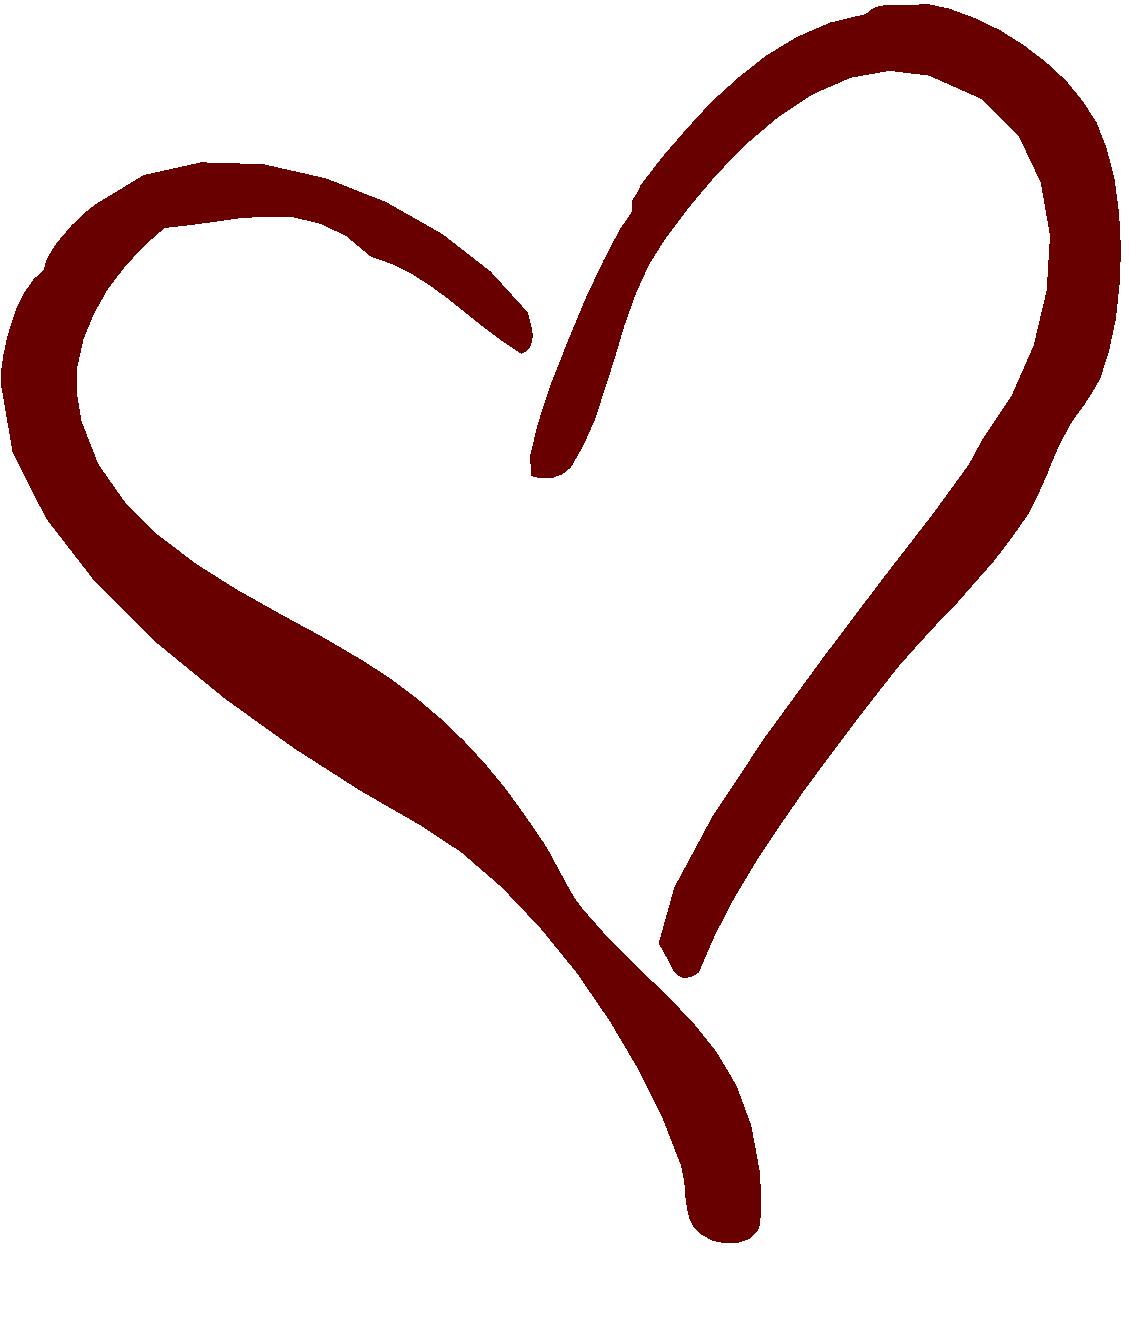 1129x1342 Hearts Heart Clip Art Images 5